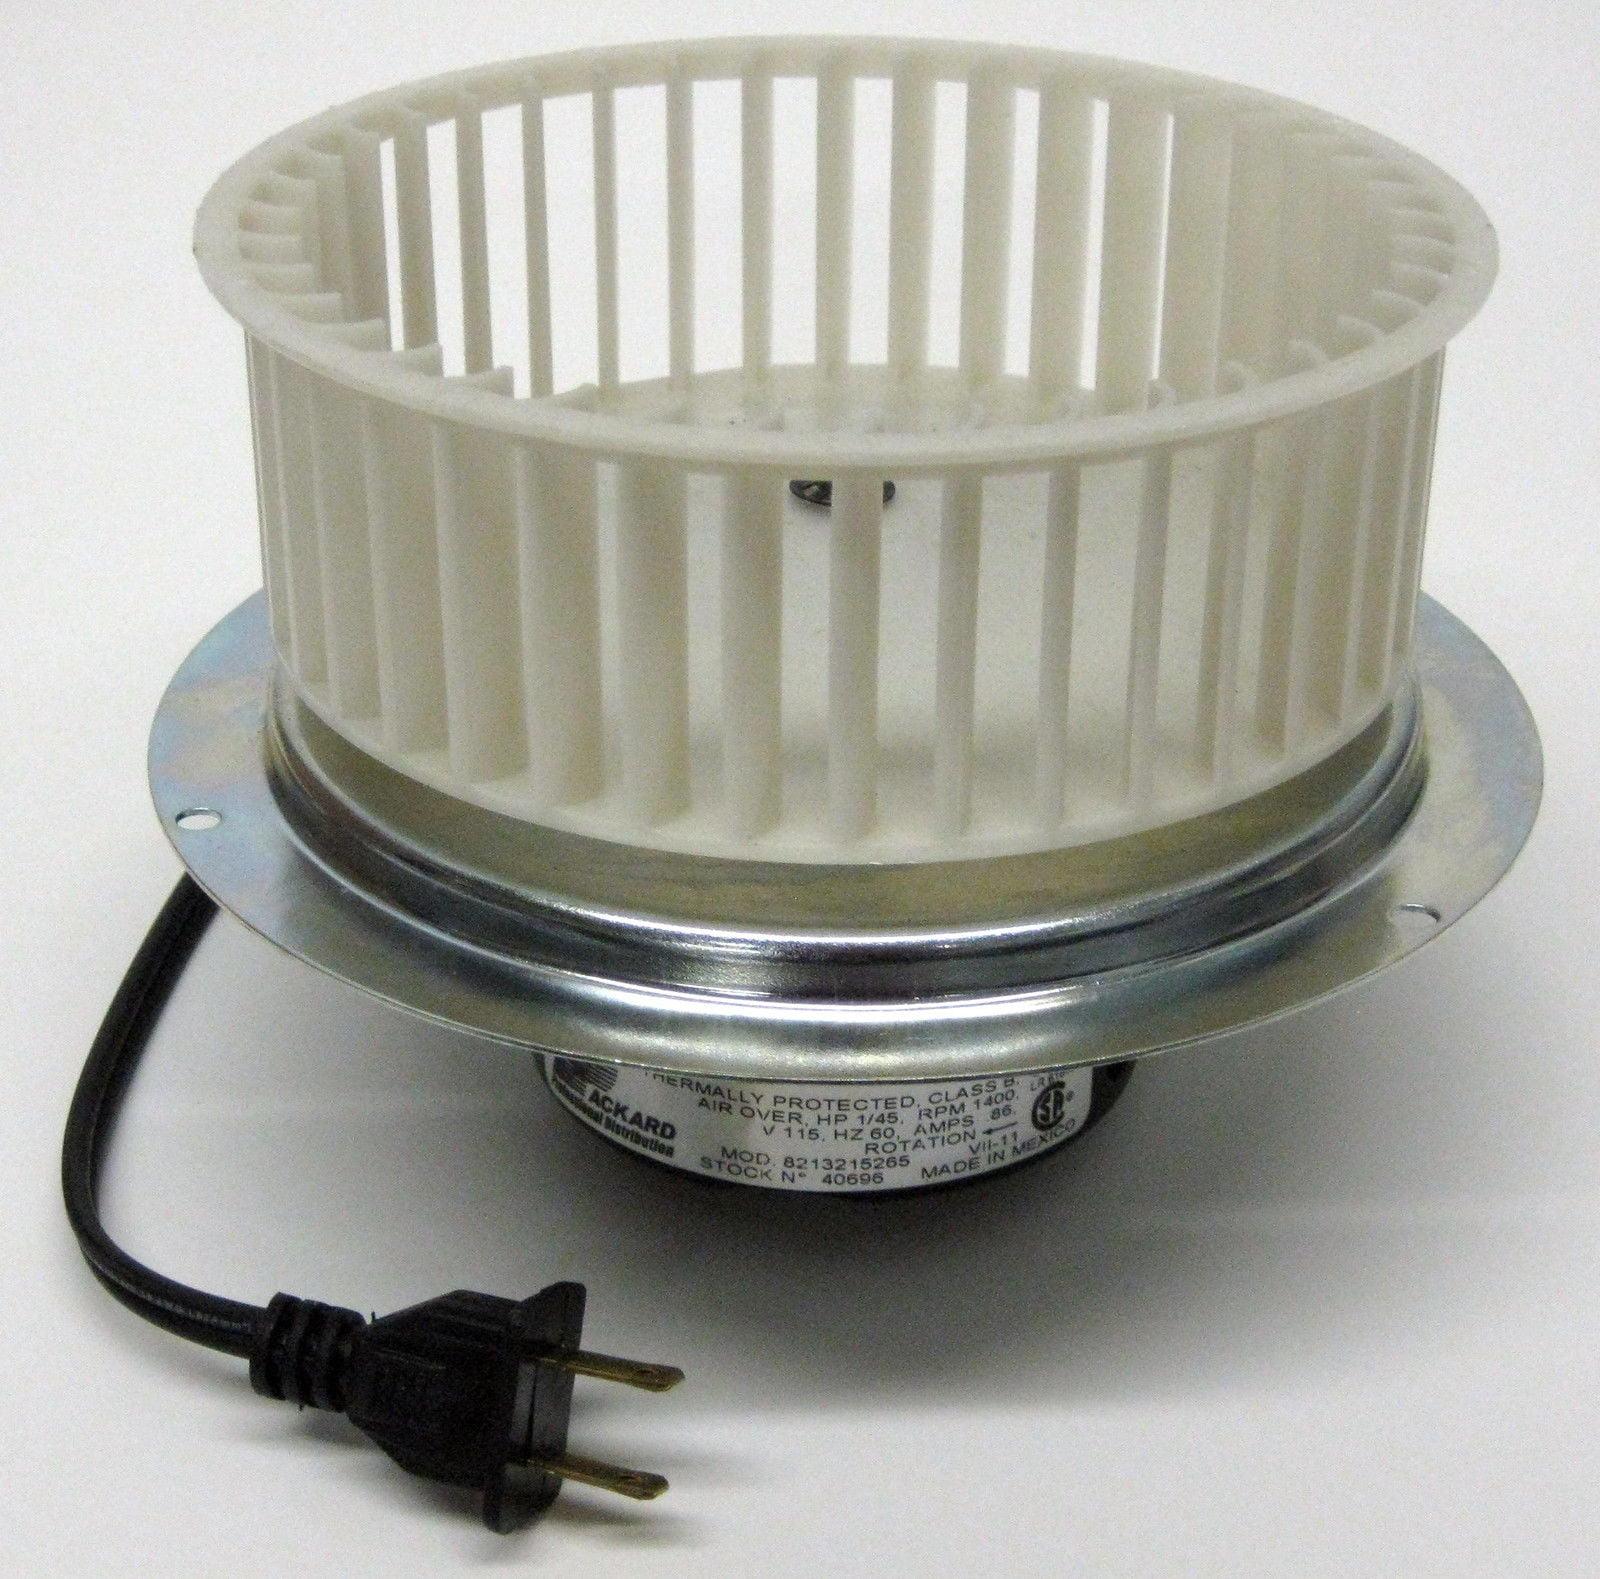 vent bath fan motor u0026 blower wheel for 0696b000 nutone broan qt110 walmartcom